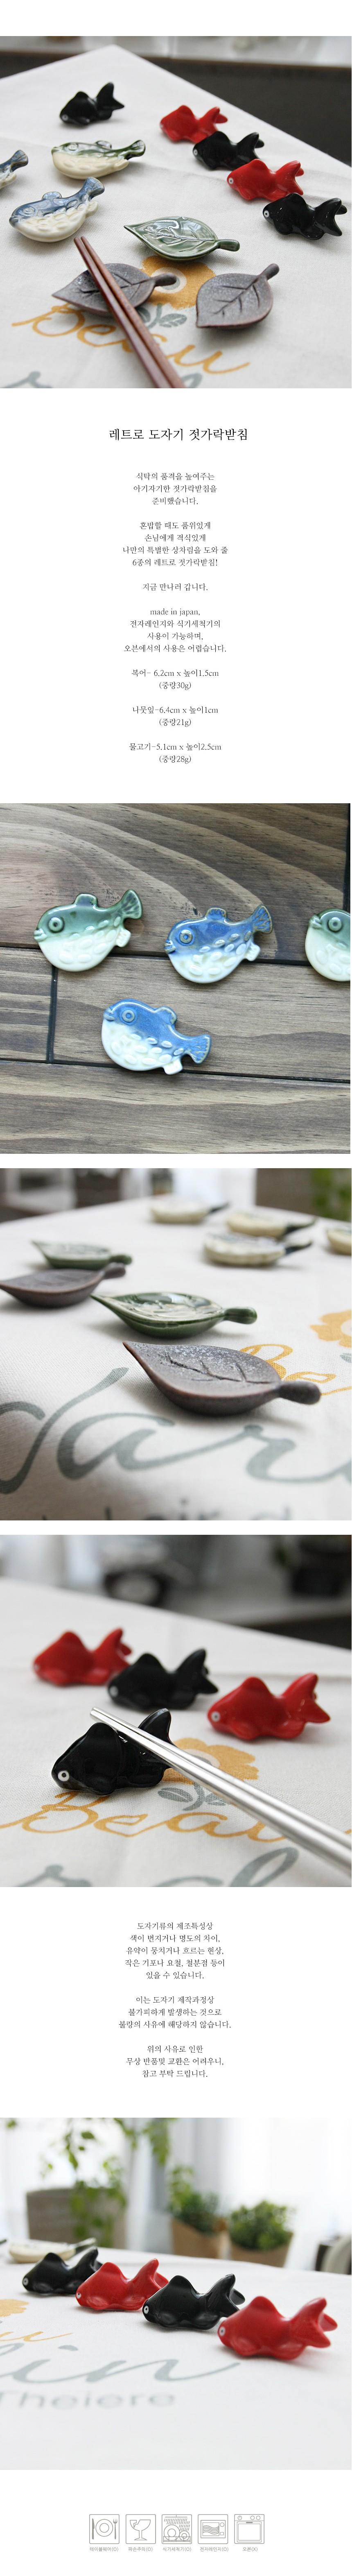 레트로 도자기 젓가락받침 물고기 - 로메이키친A, 5,800원, 양식기 세트, 양식기 세트